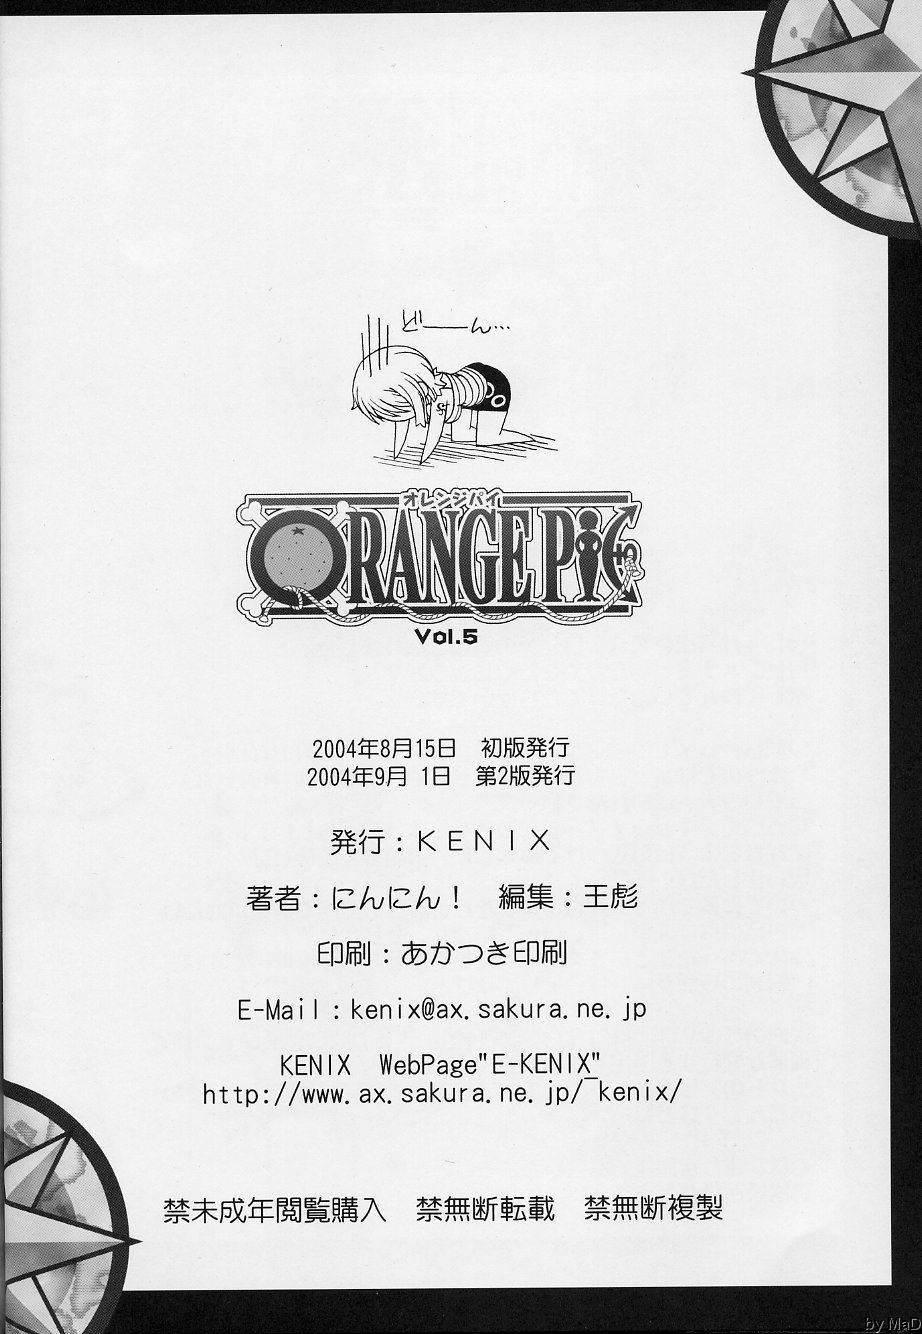 ORANGE PIE Vol. 5 32